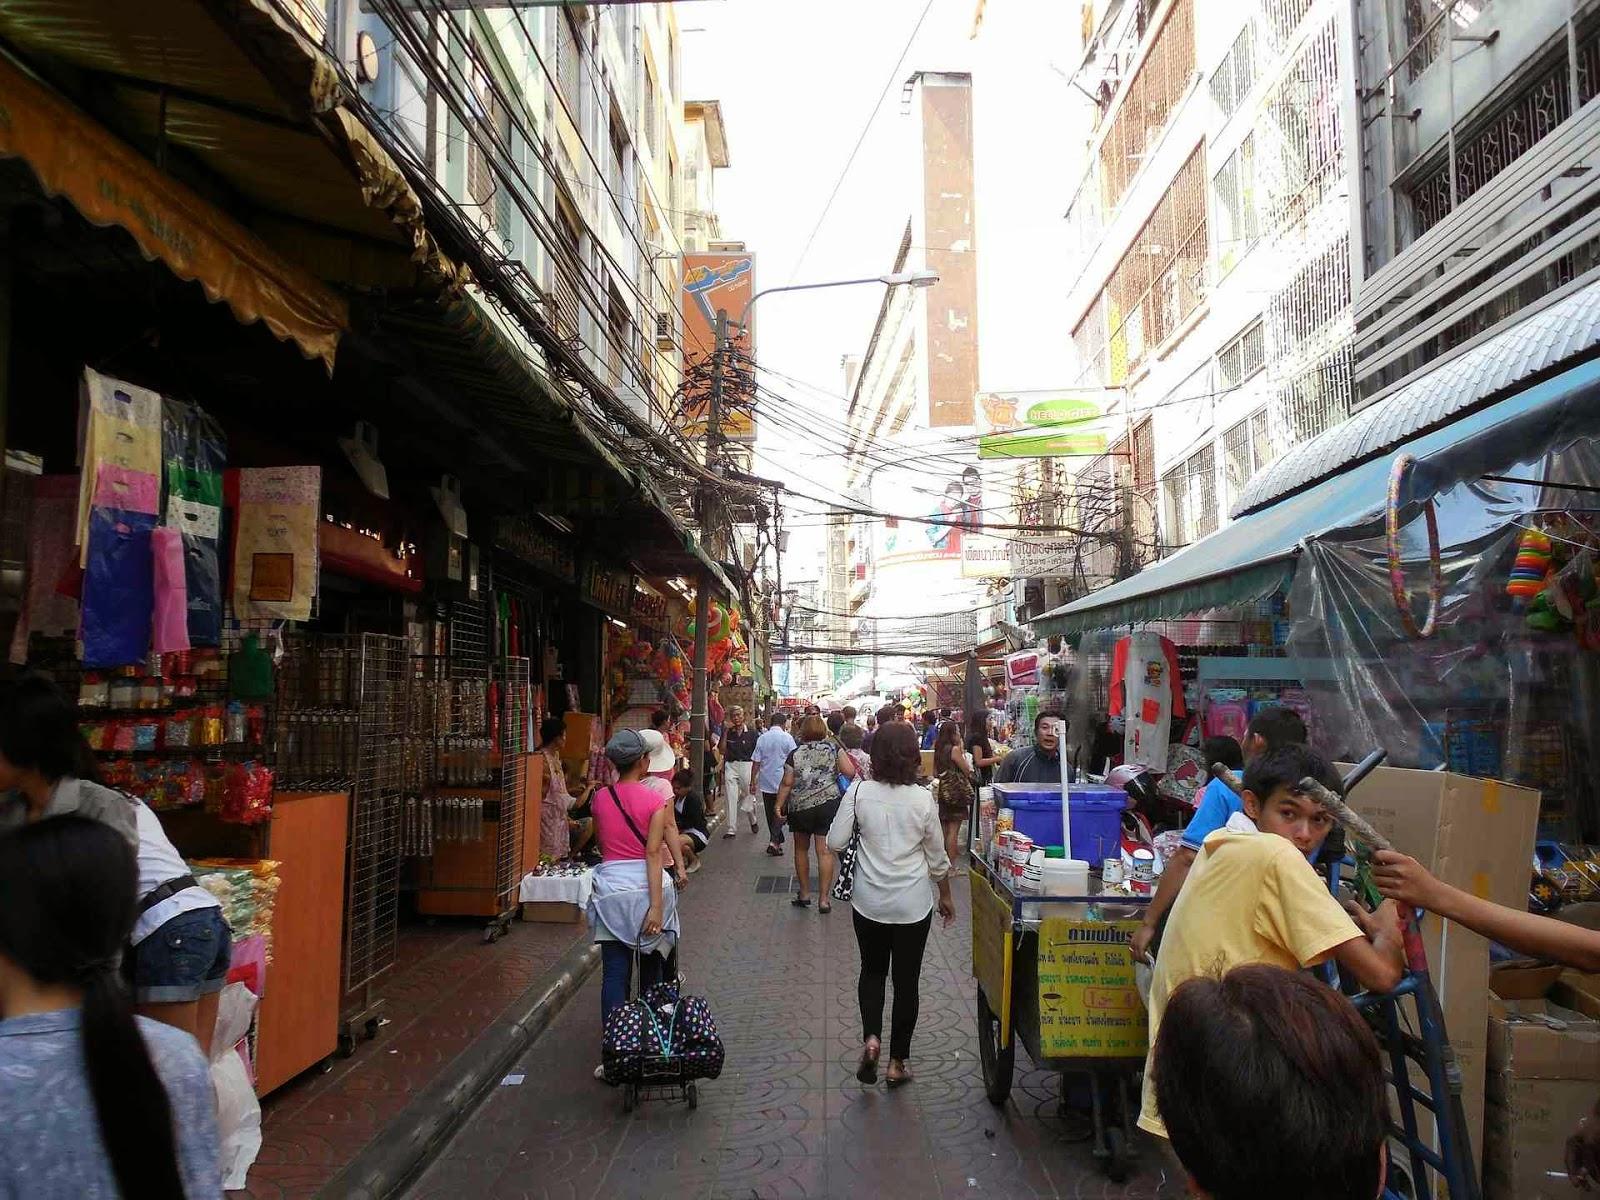 76bc609cb4360 Jeśli chcemy ubrać się w Bangkoku to łatwo zrobić zakupy na Siam Square.  Znajdziemy tam wiele sklepów z odzieżą. Orginalne T-shirty w cenie 350 Bath  ...